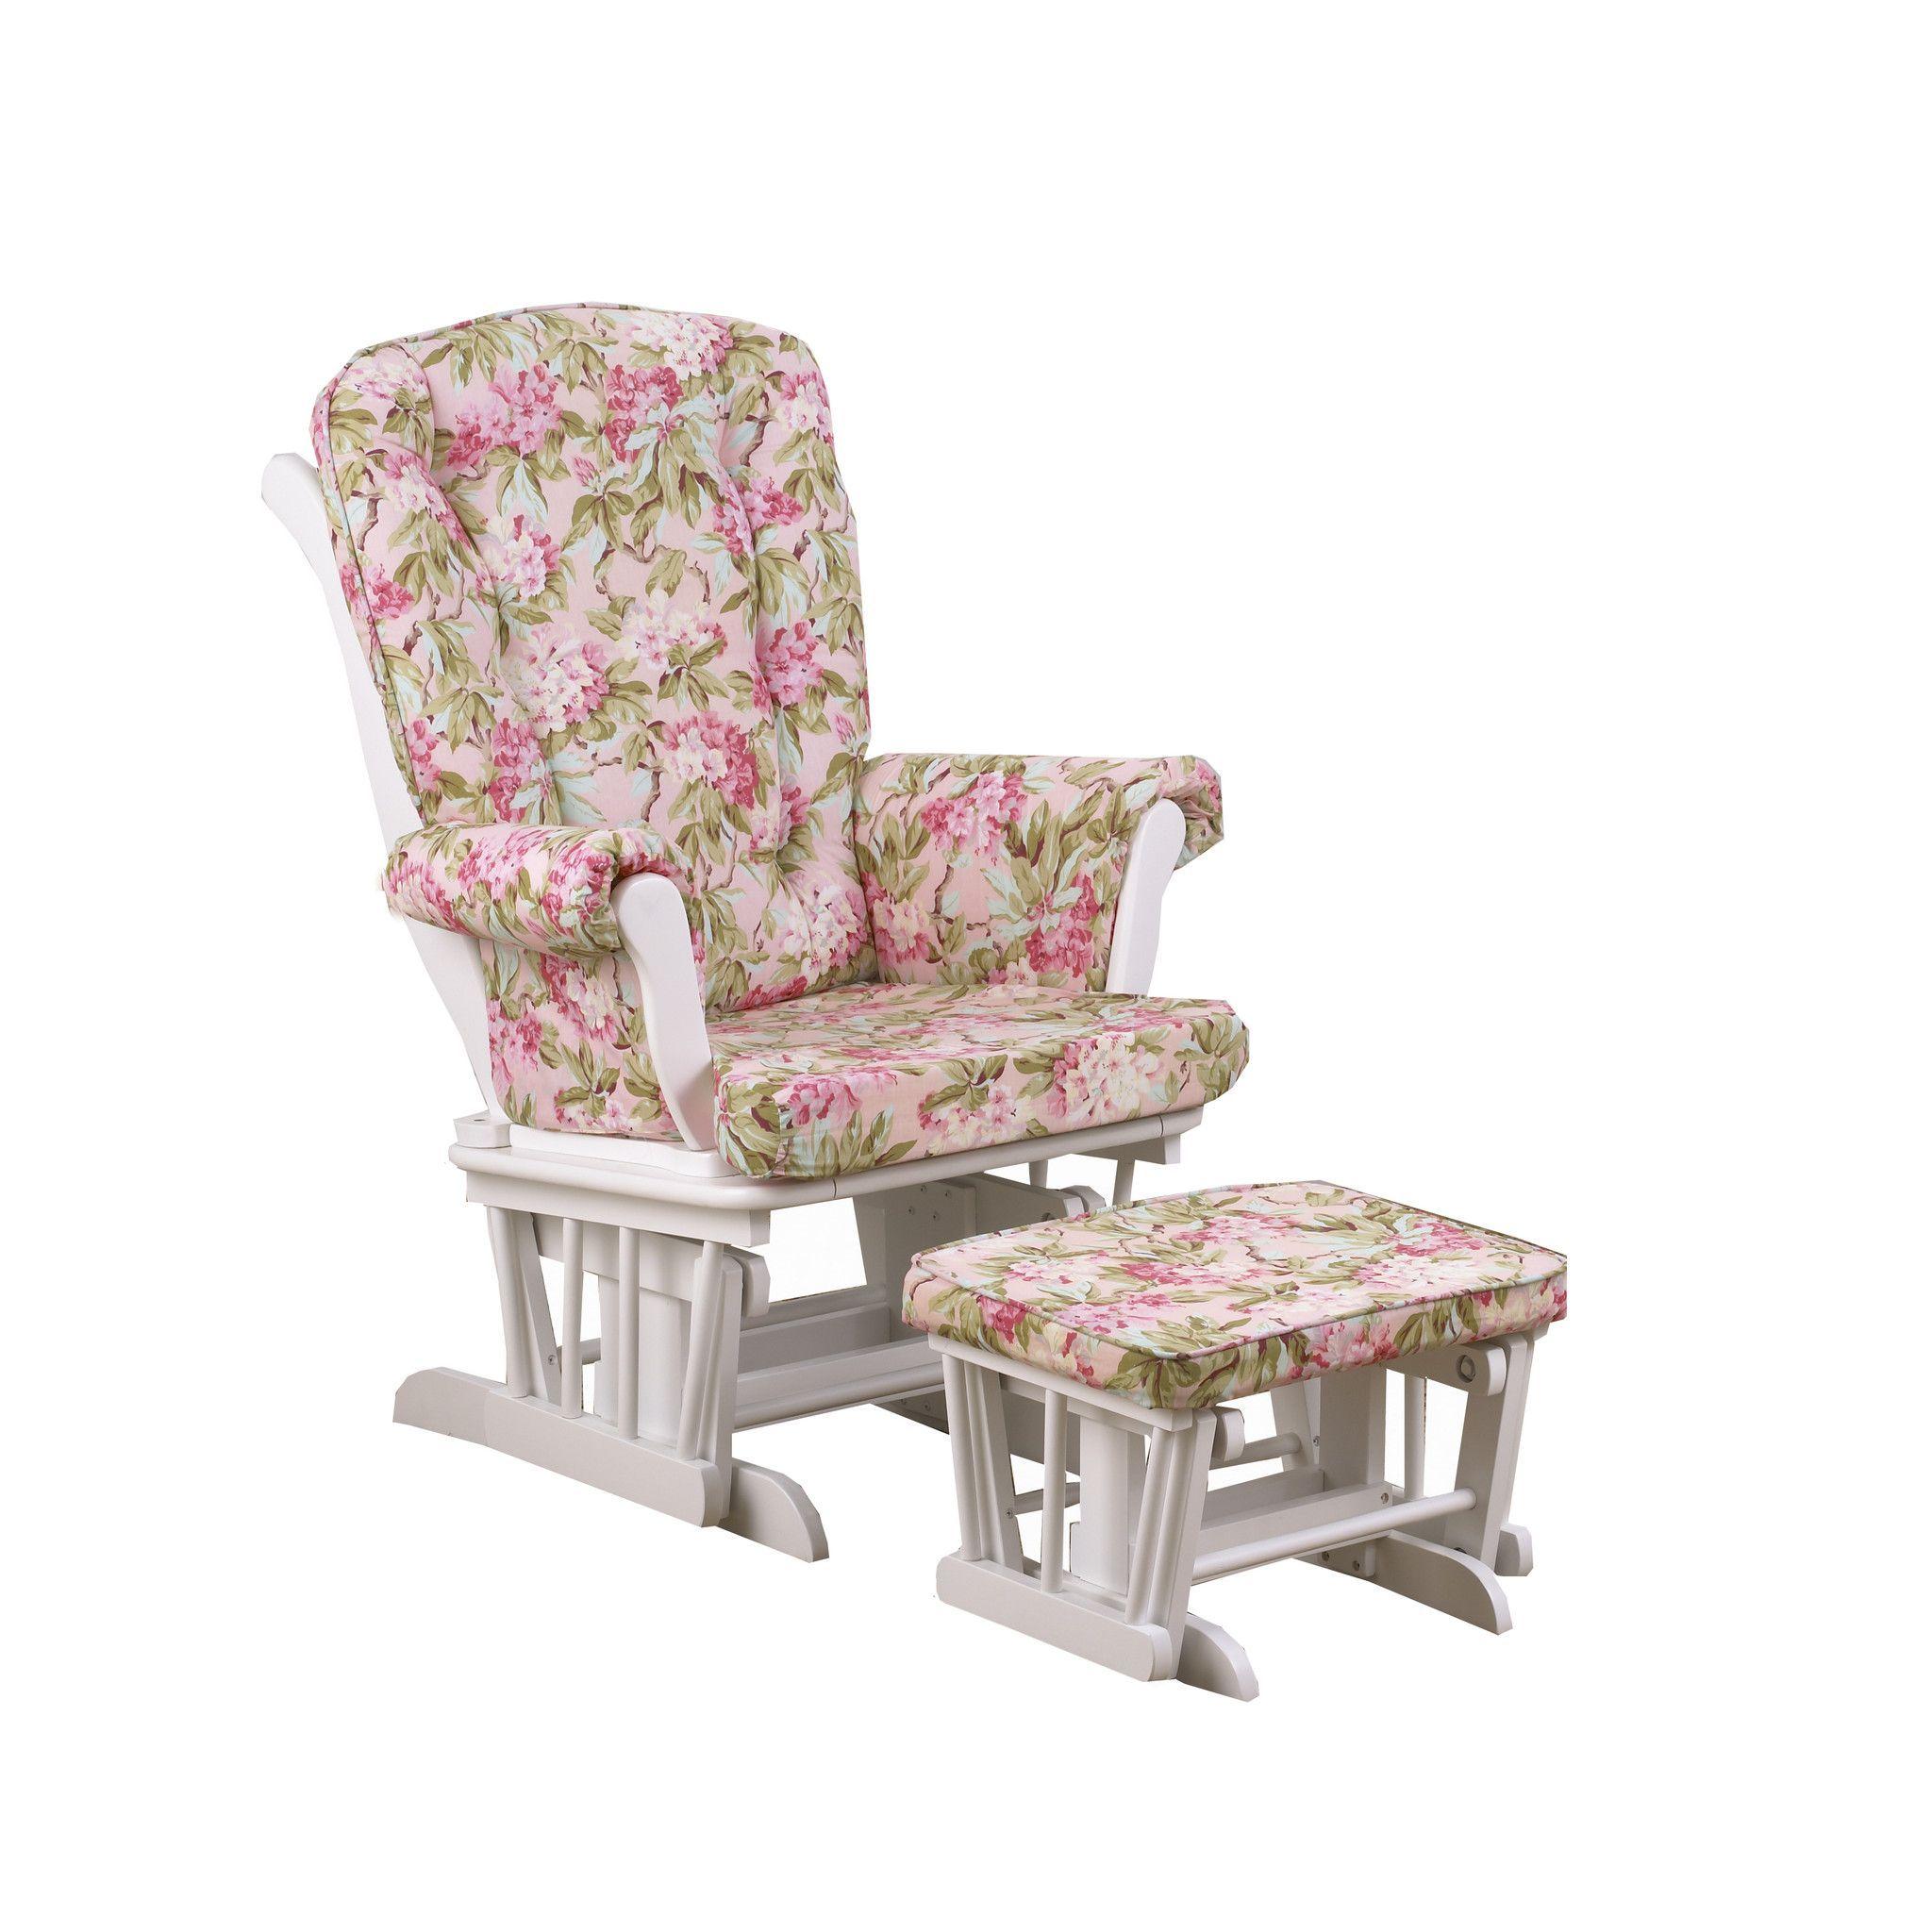 Rocking Chair & Glider Glider and ottoman, Nursery